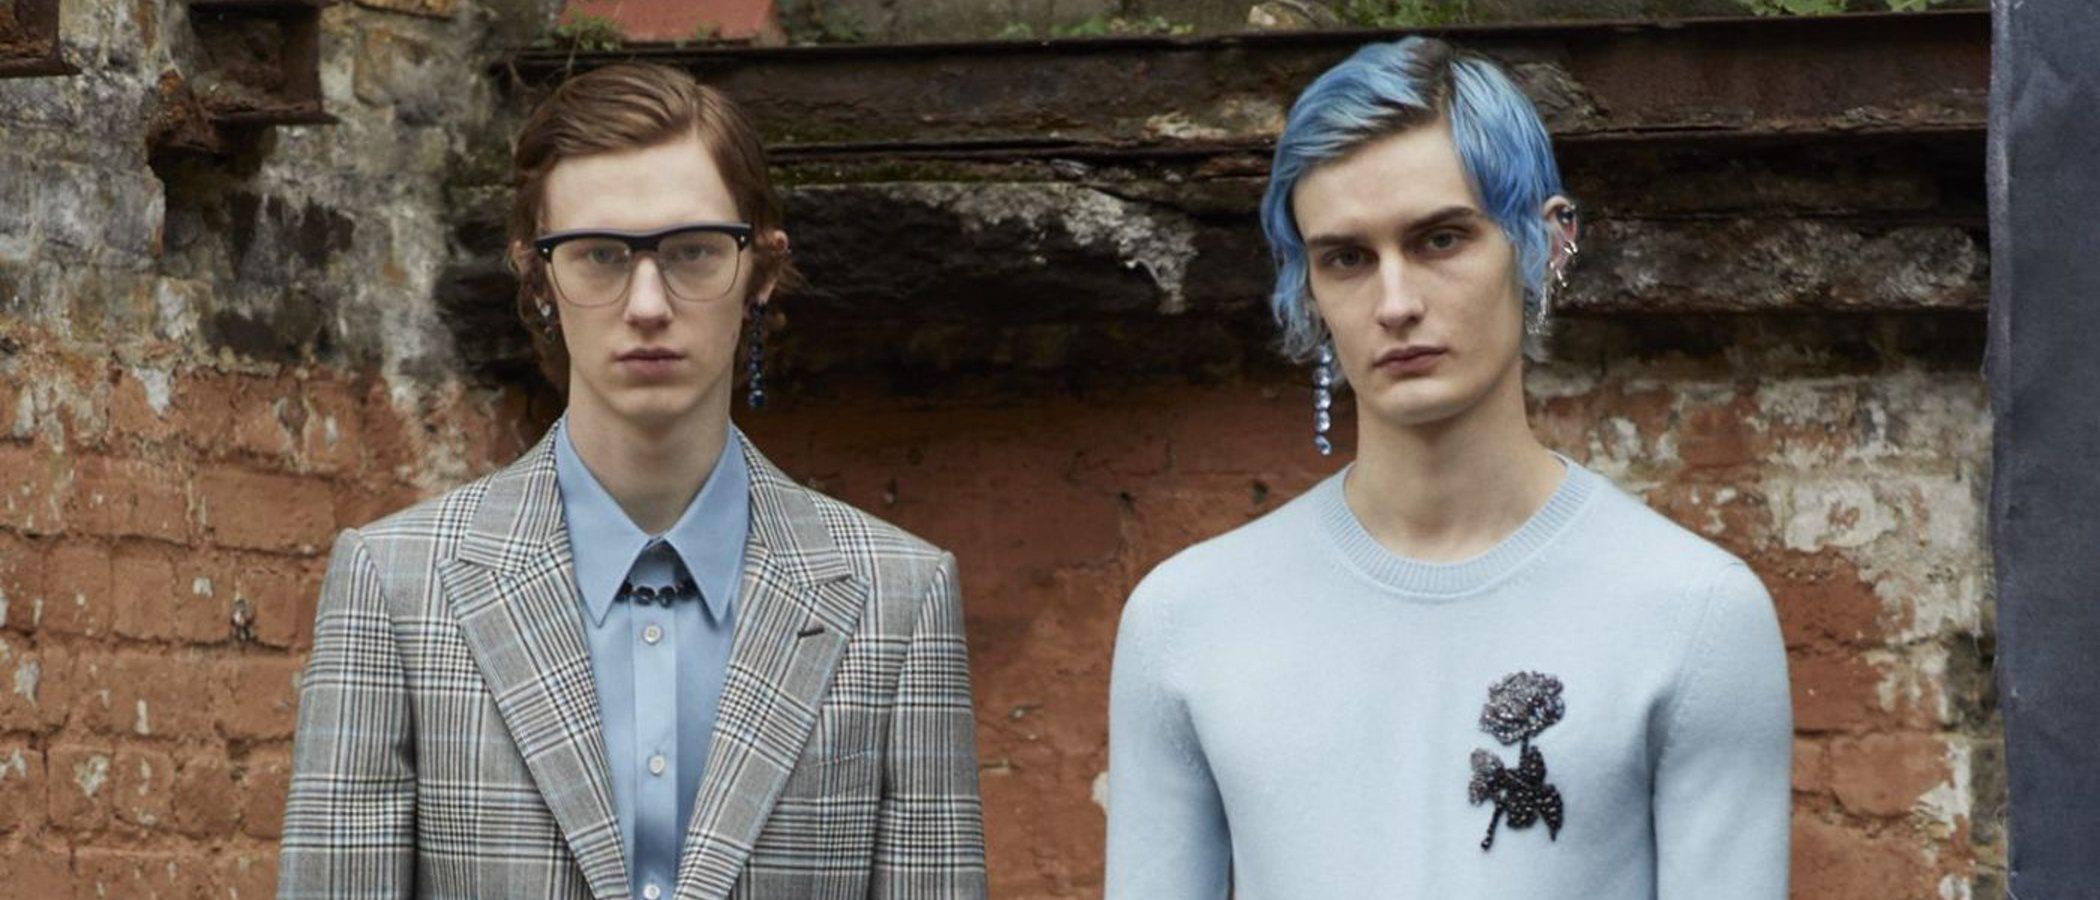 Alexander Mcqueen lanza su nueva colección fusionando el optimismo de los años 50 con la creatividad de los 80